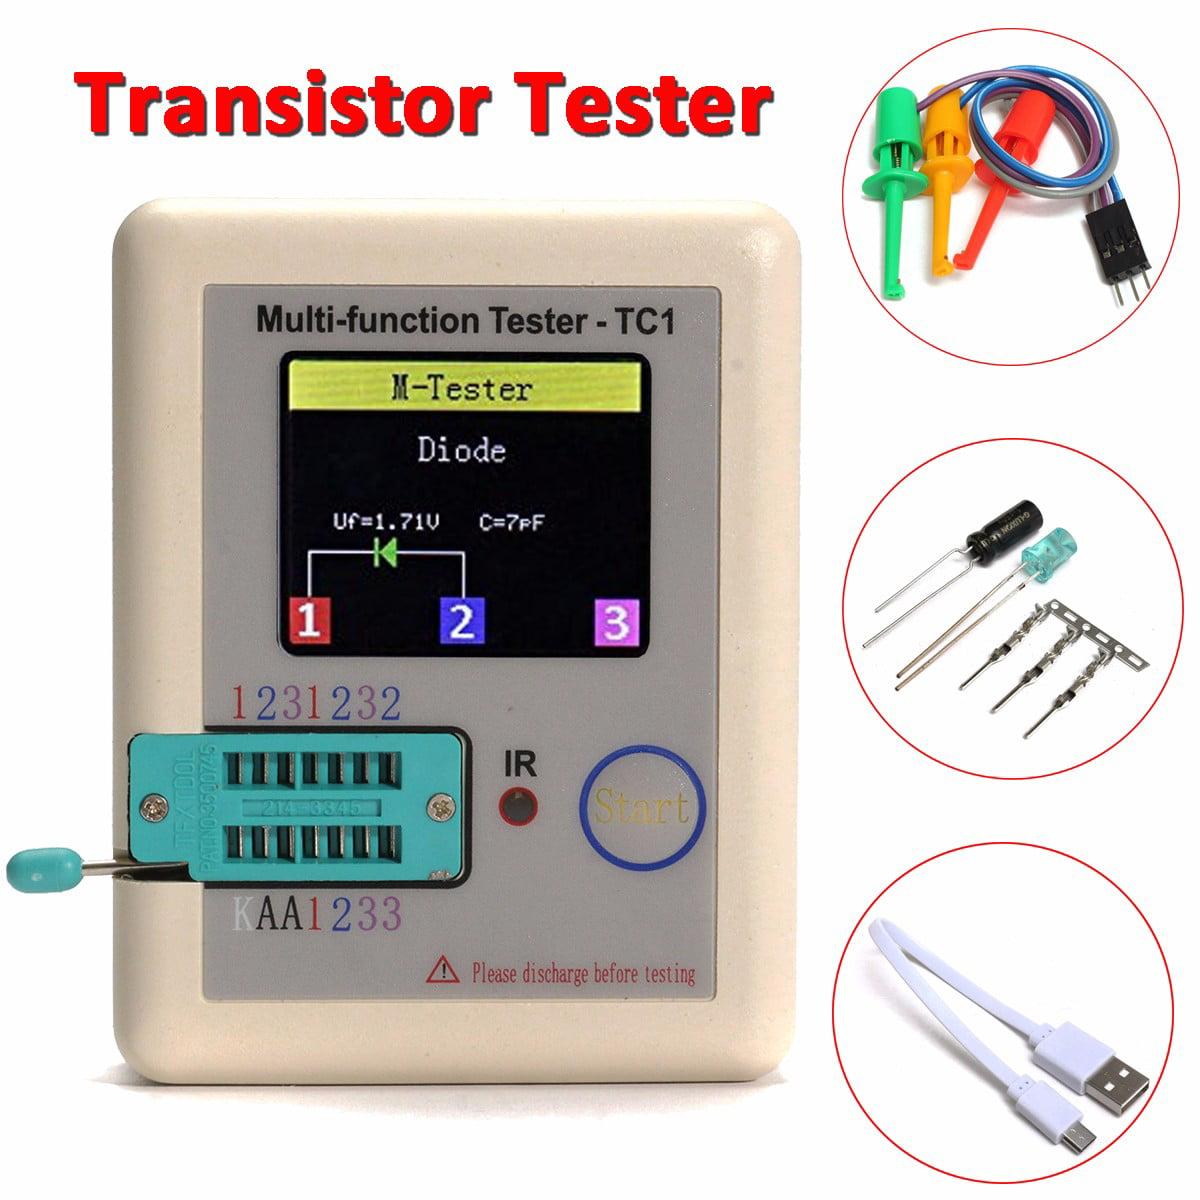 35 Tft Transistor Tester Diode Triode Capacitance Meter For Lcr Esr Pnp Npn Mosfet Jfet